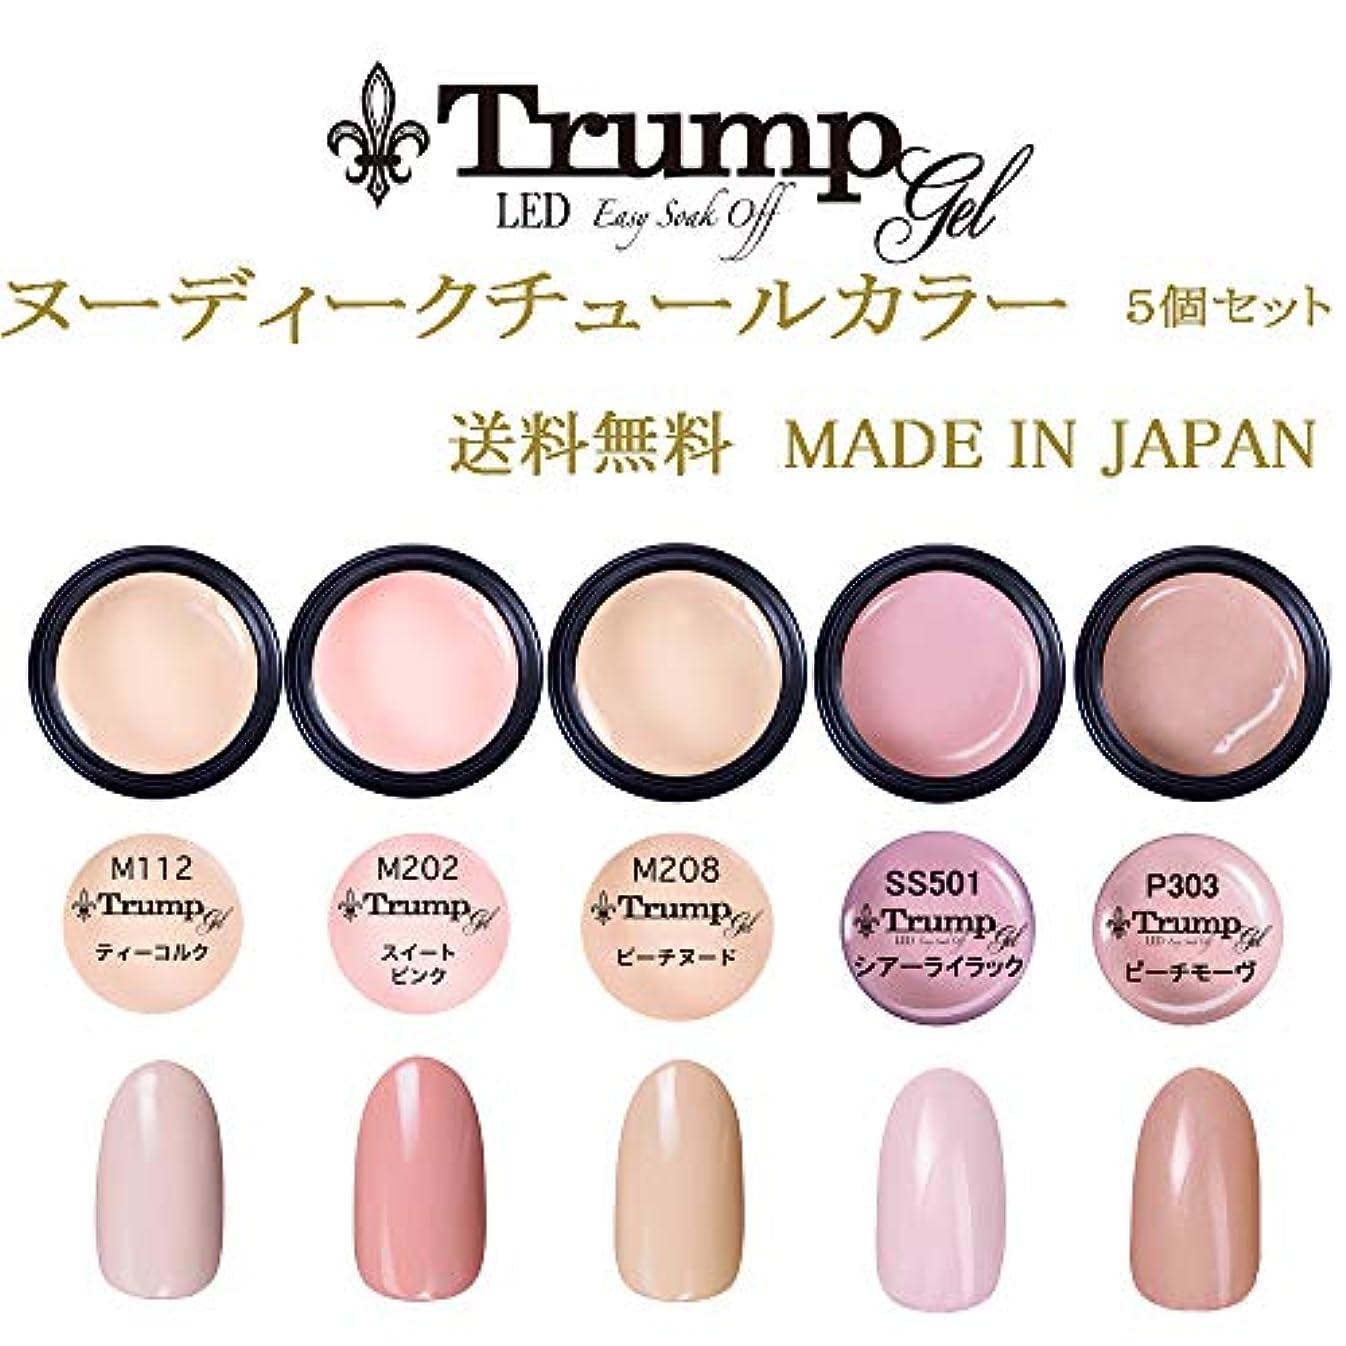 購入アウター暴動【送料無料】日本製 Trump gel トランプジェルヌーディクチュールカラージェル 5個セット肌馴染みの良い ヌーデイクチュールカラージェルセット